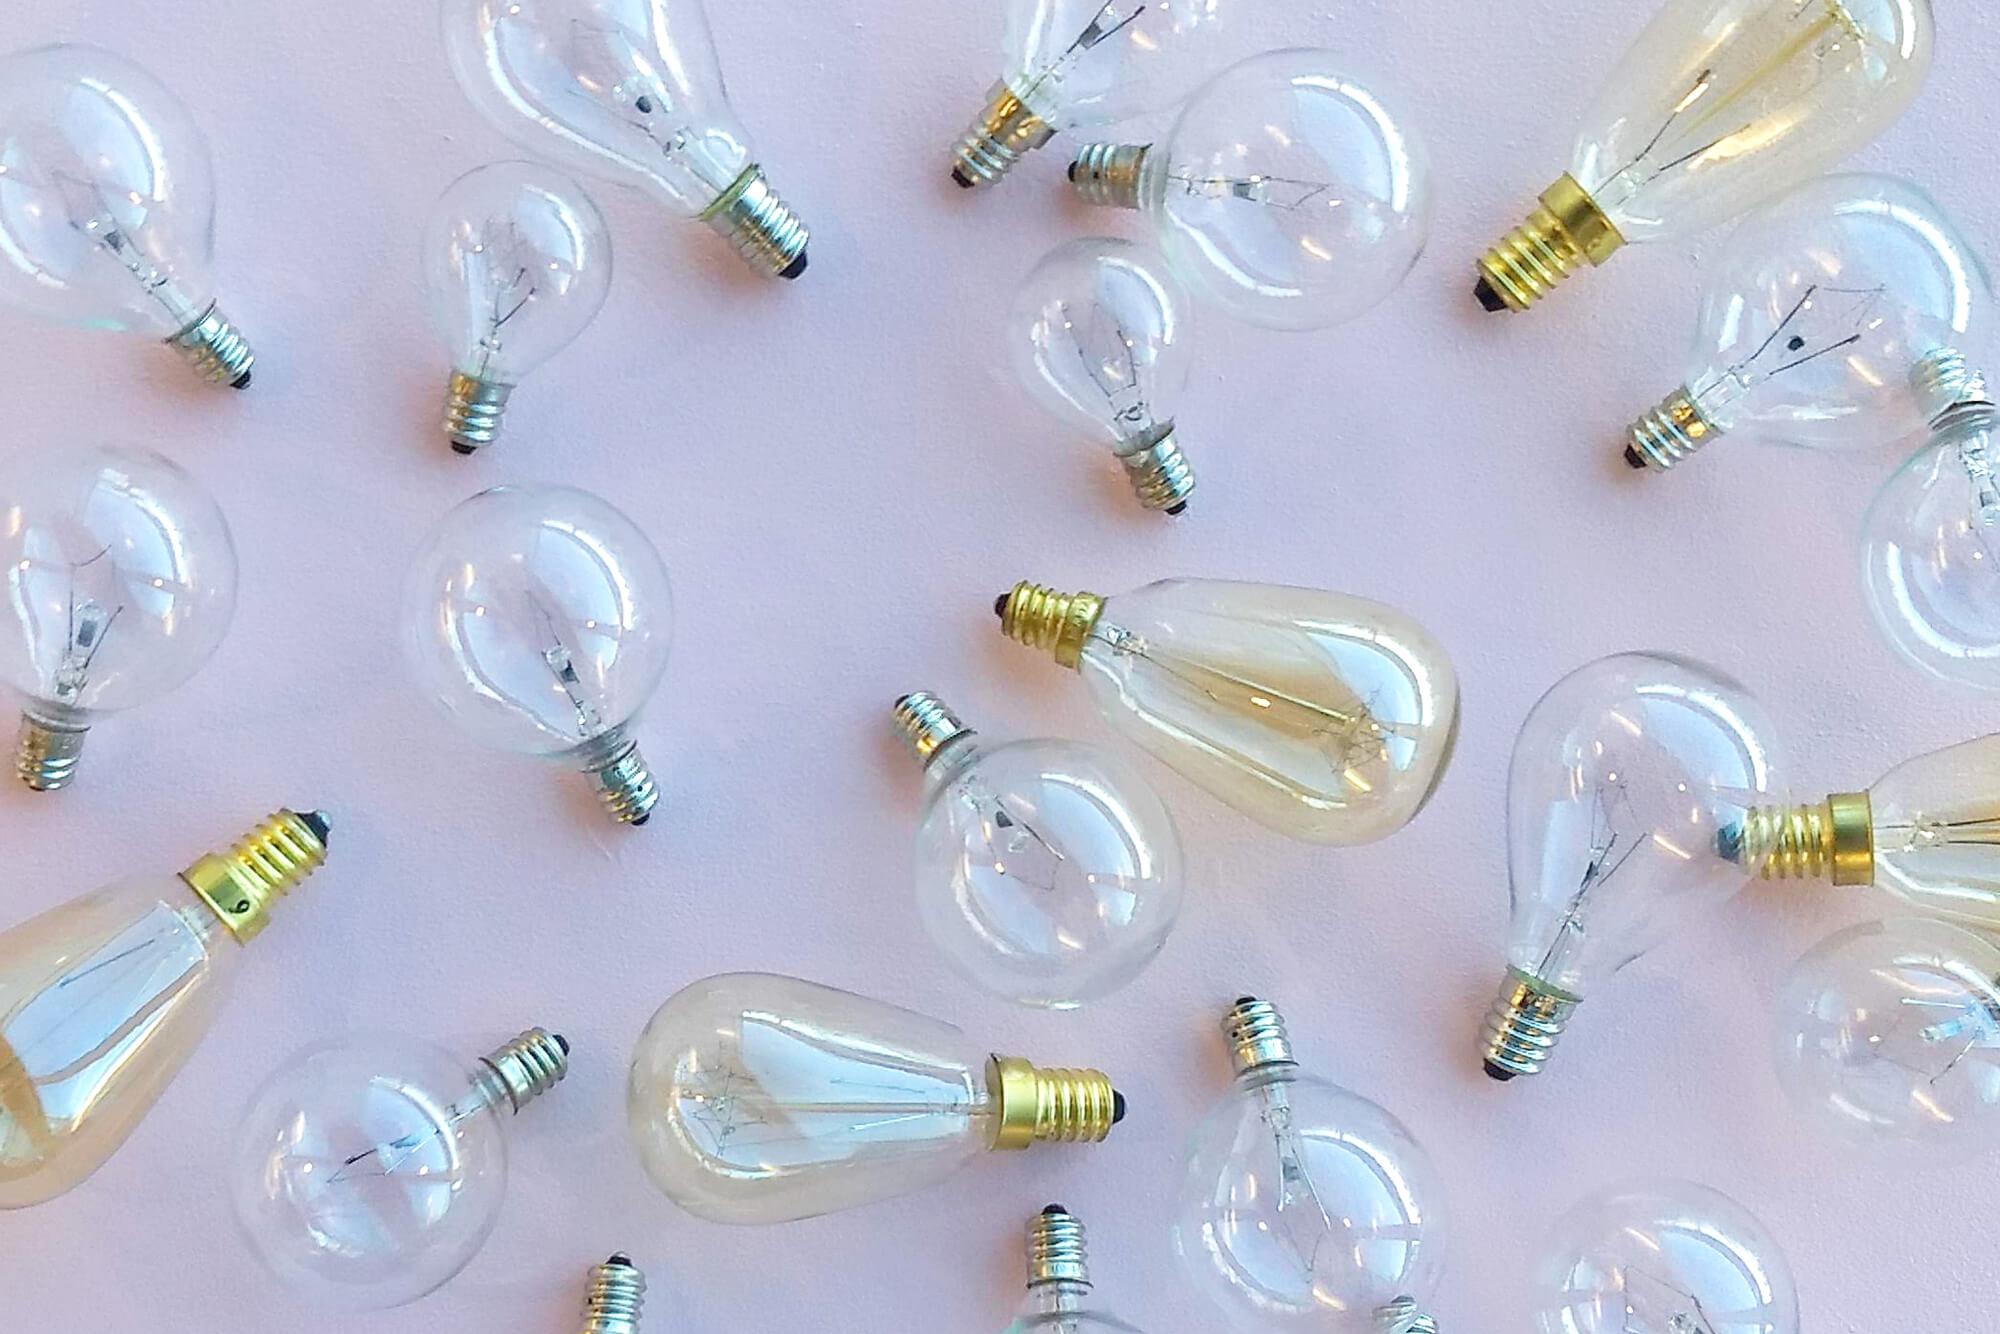 Plain assorted light bulbs